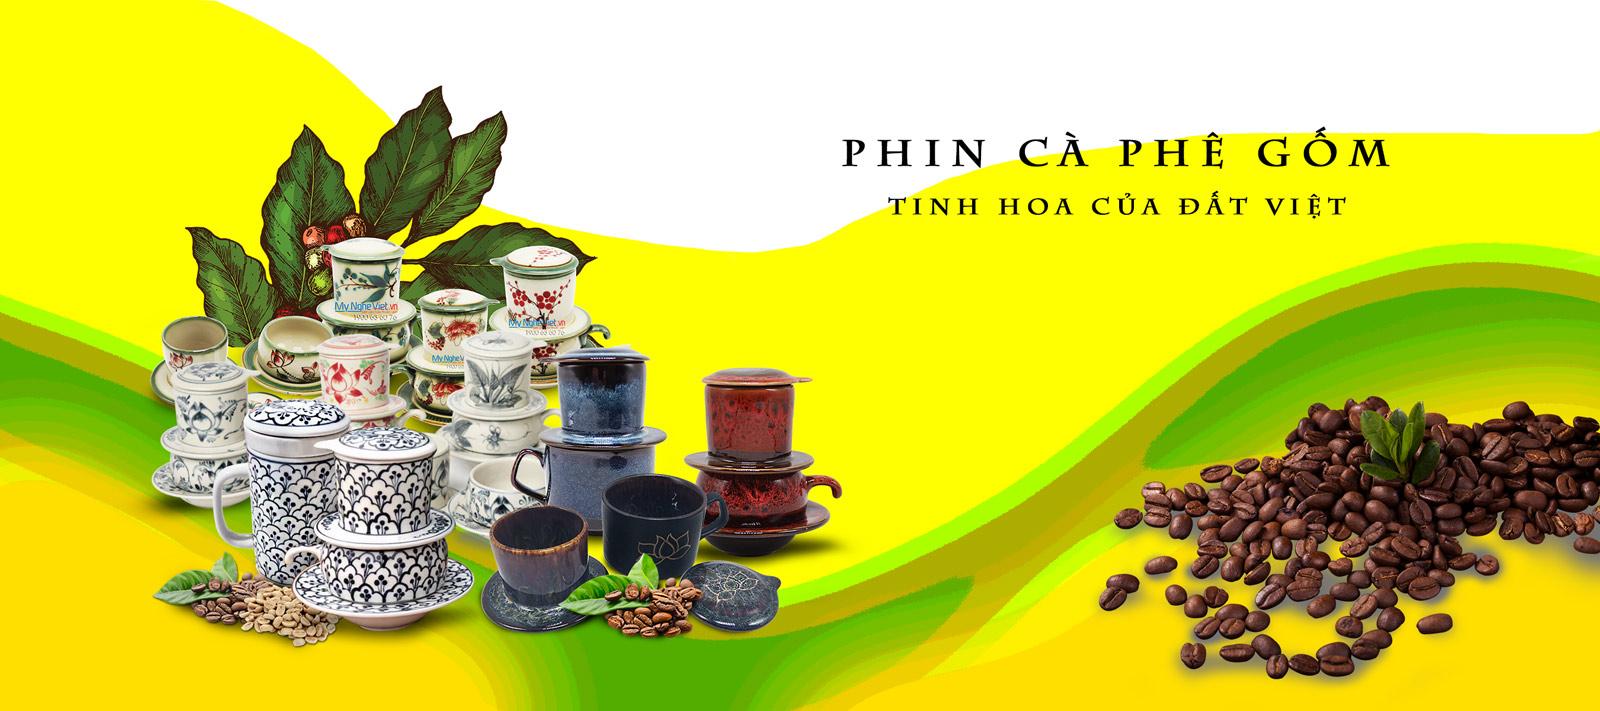 Phin cà phê - tinh hoa của đất Việt